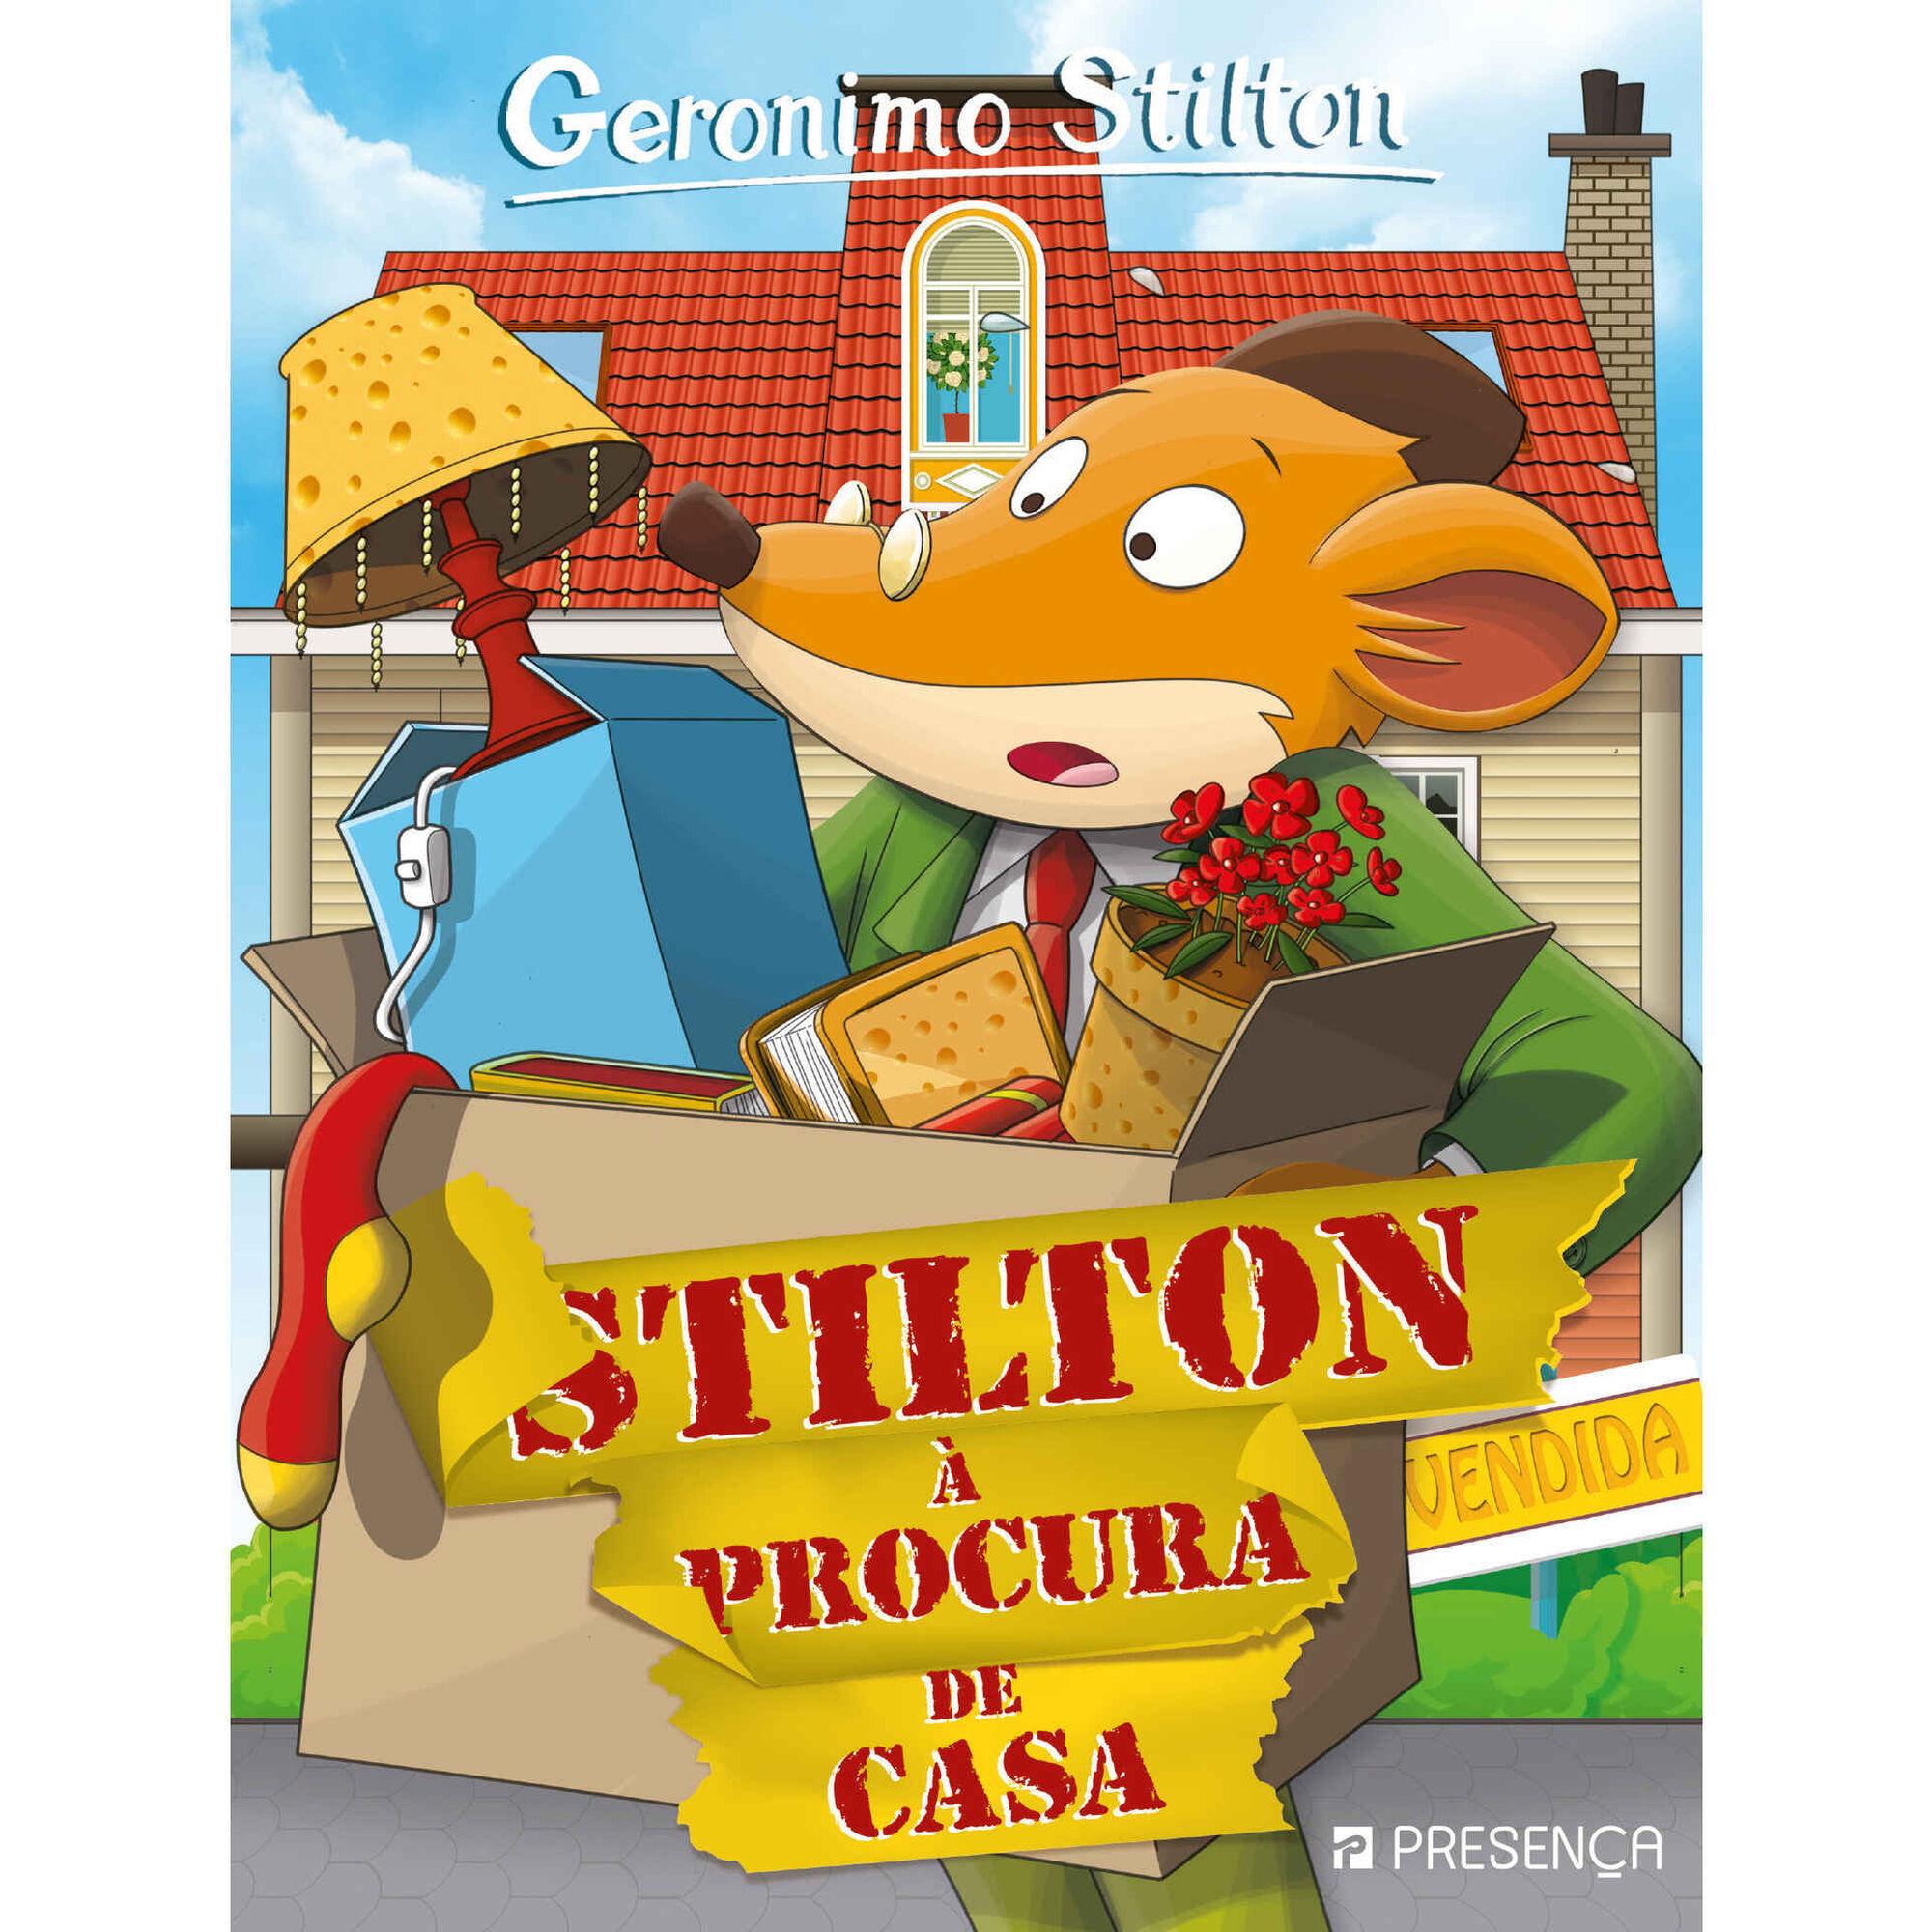 Stilton à Procura de Casa